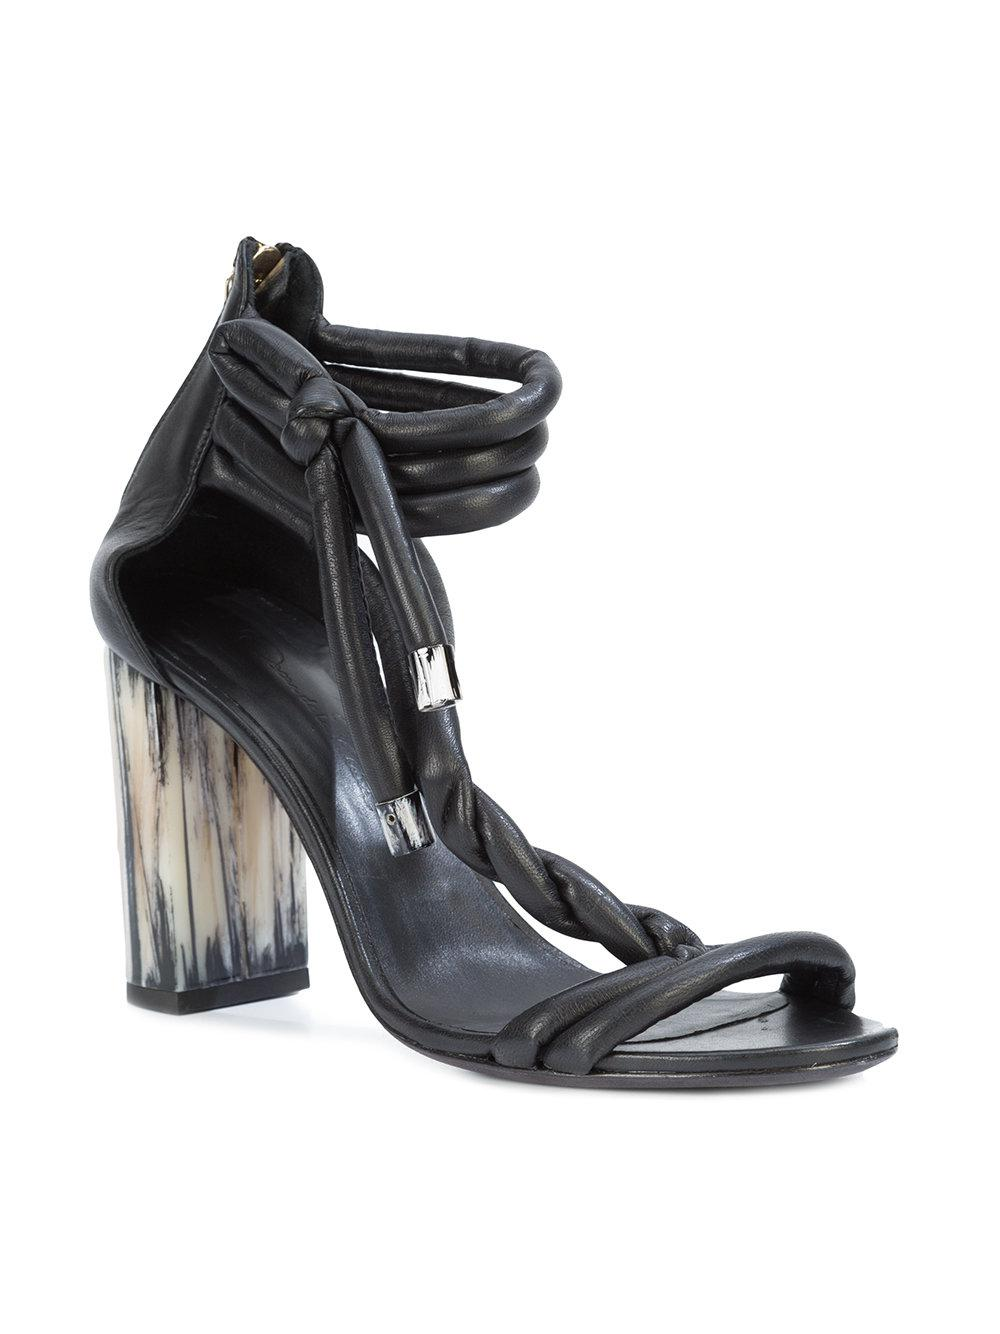 2018 Más Reciente En Línea Venta Manchester Gran Venta Oscar de la Renta Declan sandals - Black farfetch bianco Grandes Ofertas En Línea Barato Venta Barata Con Paypal mX4tUW